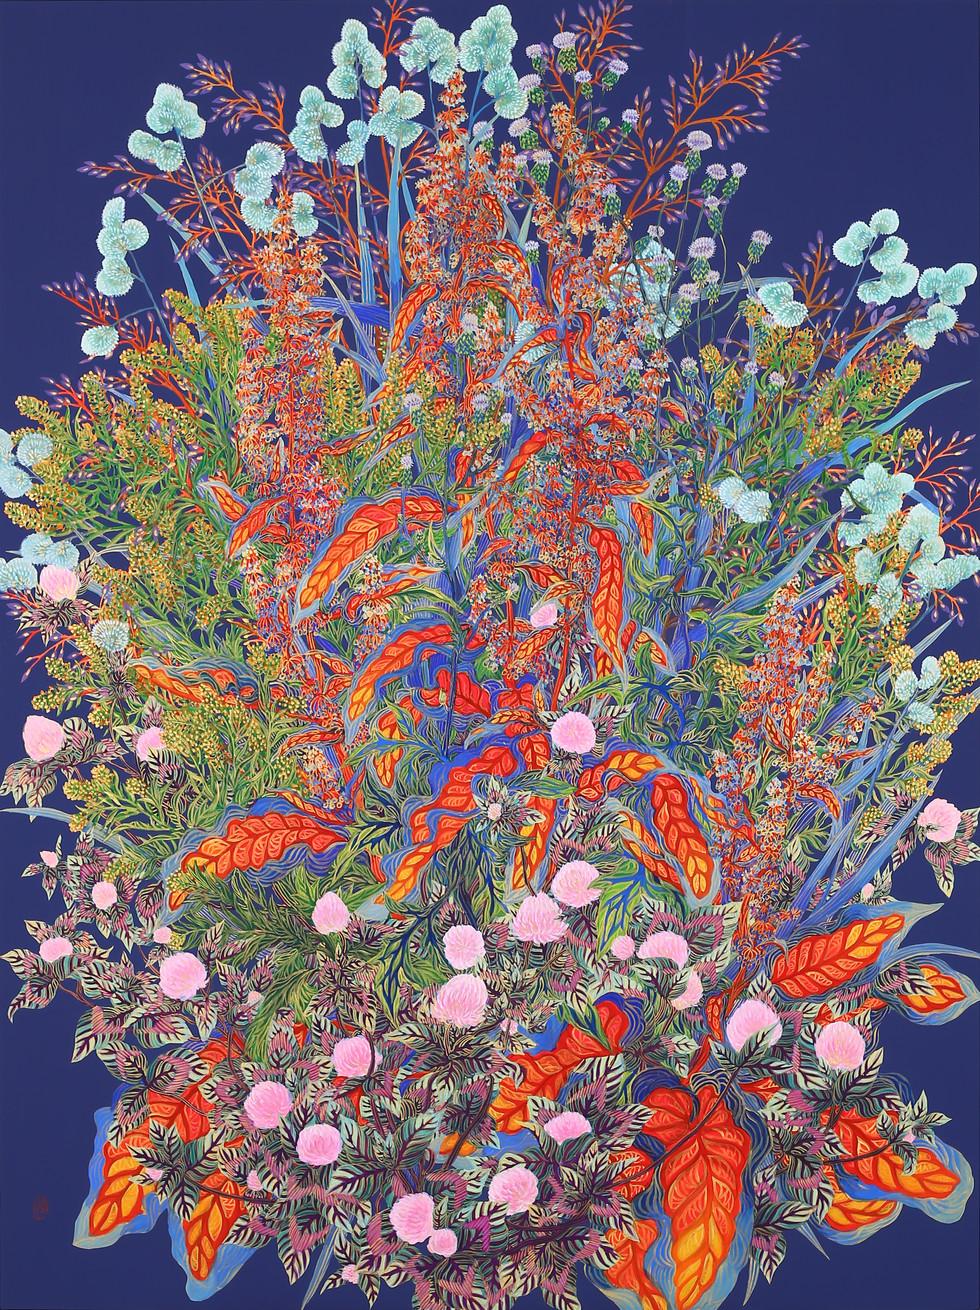 [충무로갤러리]제미영_5월의 부케I 130.3×97㎝ 비단에 채색과 금분 2019.jpg